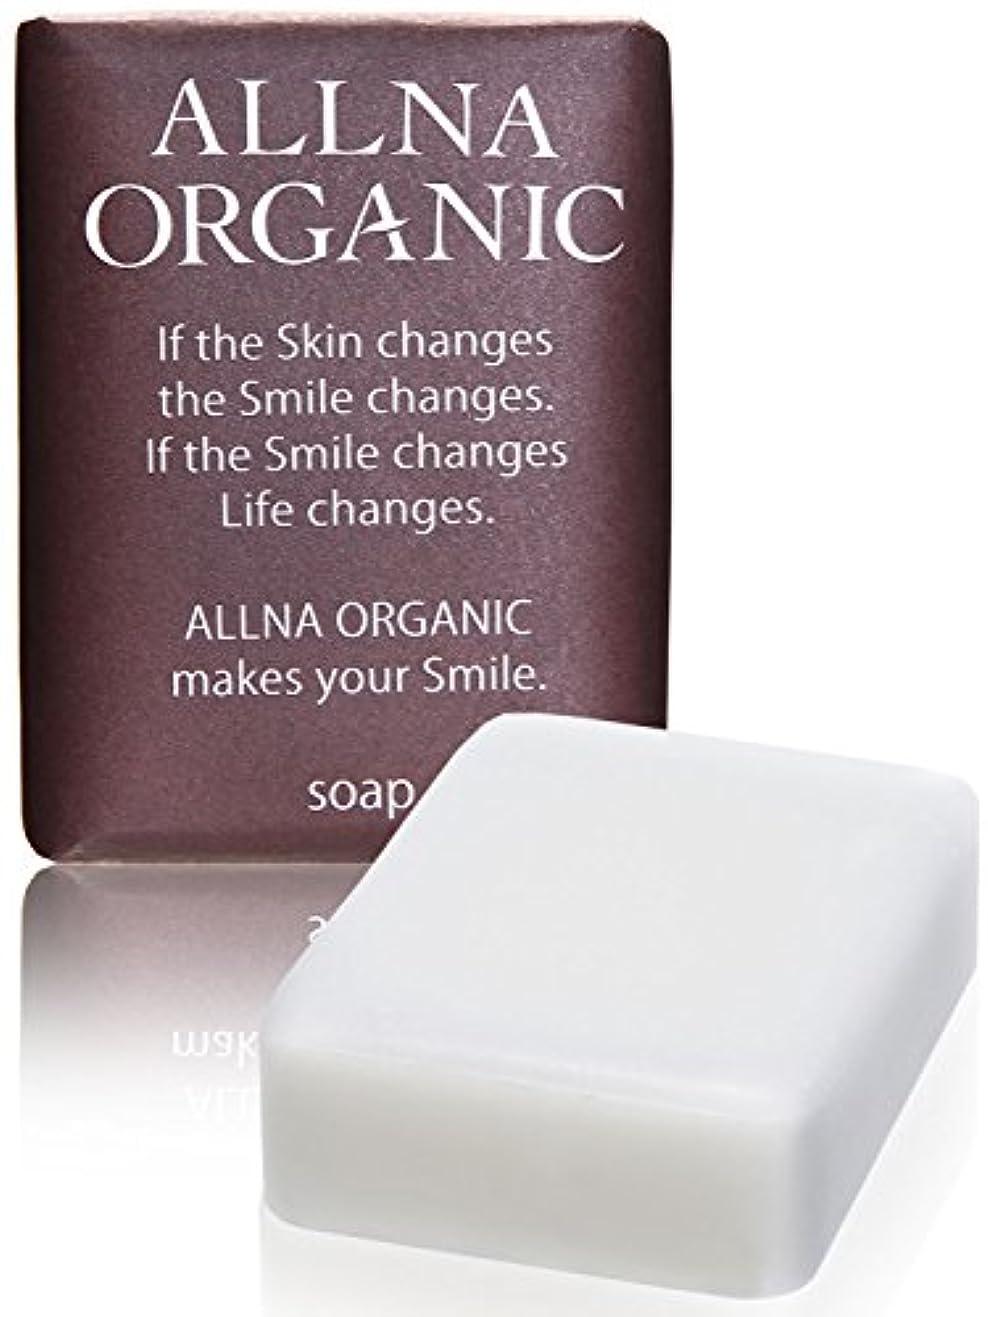 平行ねじれ周辺オルナ オーガニック 石鹸 「 無添加 敏感 肌用 毛穴 対策 洗顔石鹸 」「 コラーゲン 3種 + ヒアルロン酸 4種 + ビタミンC 4種 + セラミド 配合」 保湿 固形 洗顔 せっけん バスサイズ 100g